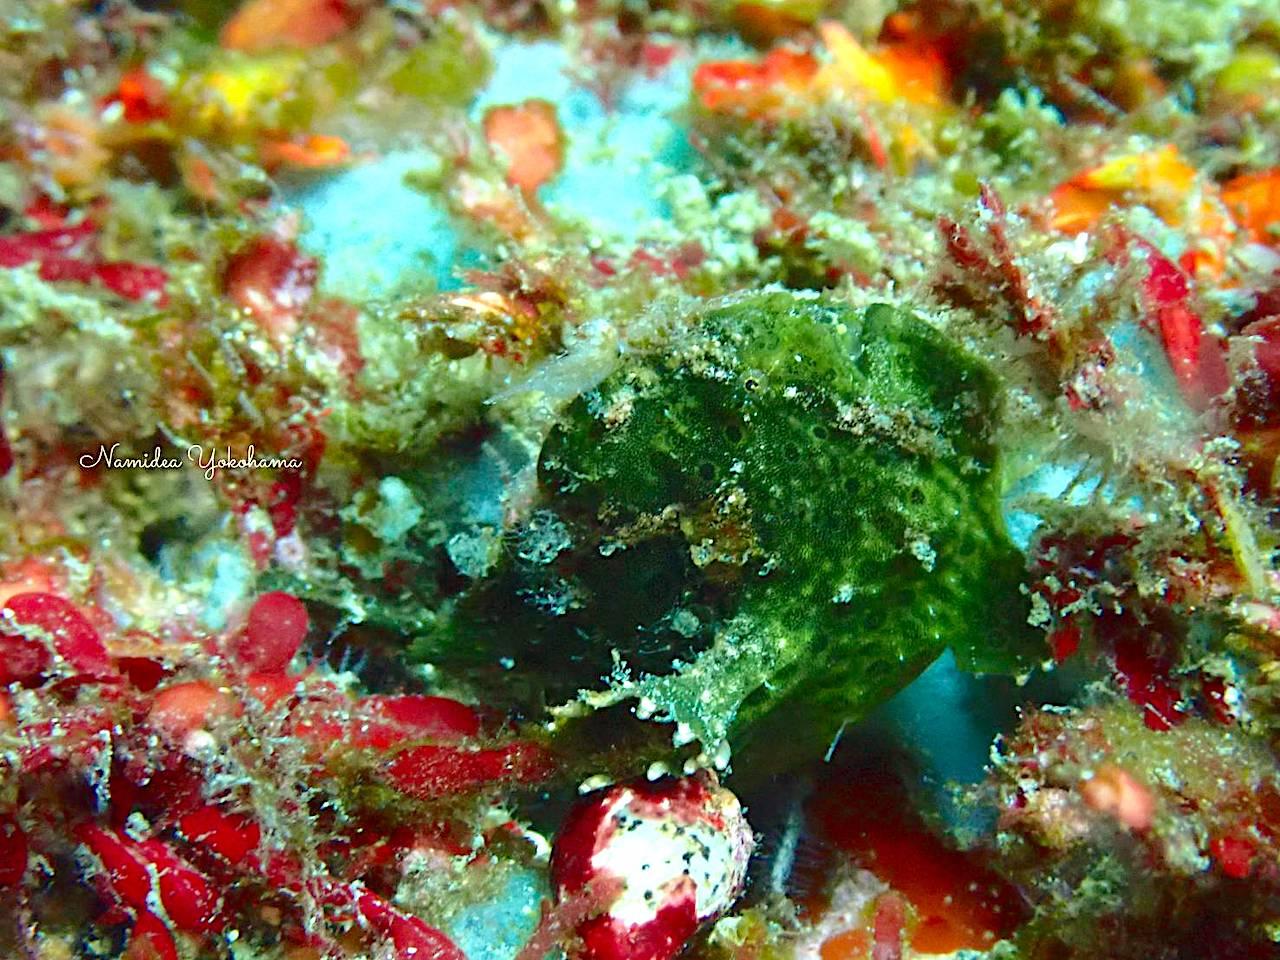 ライトなし 緑色のイロカエルアンコウ 伊豆海洋公園